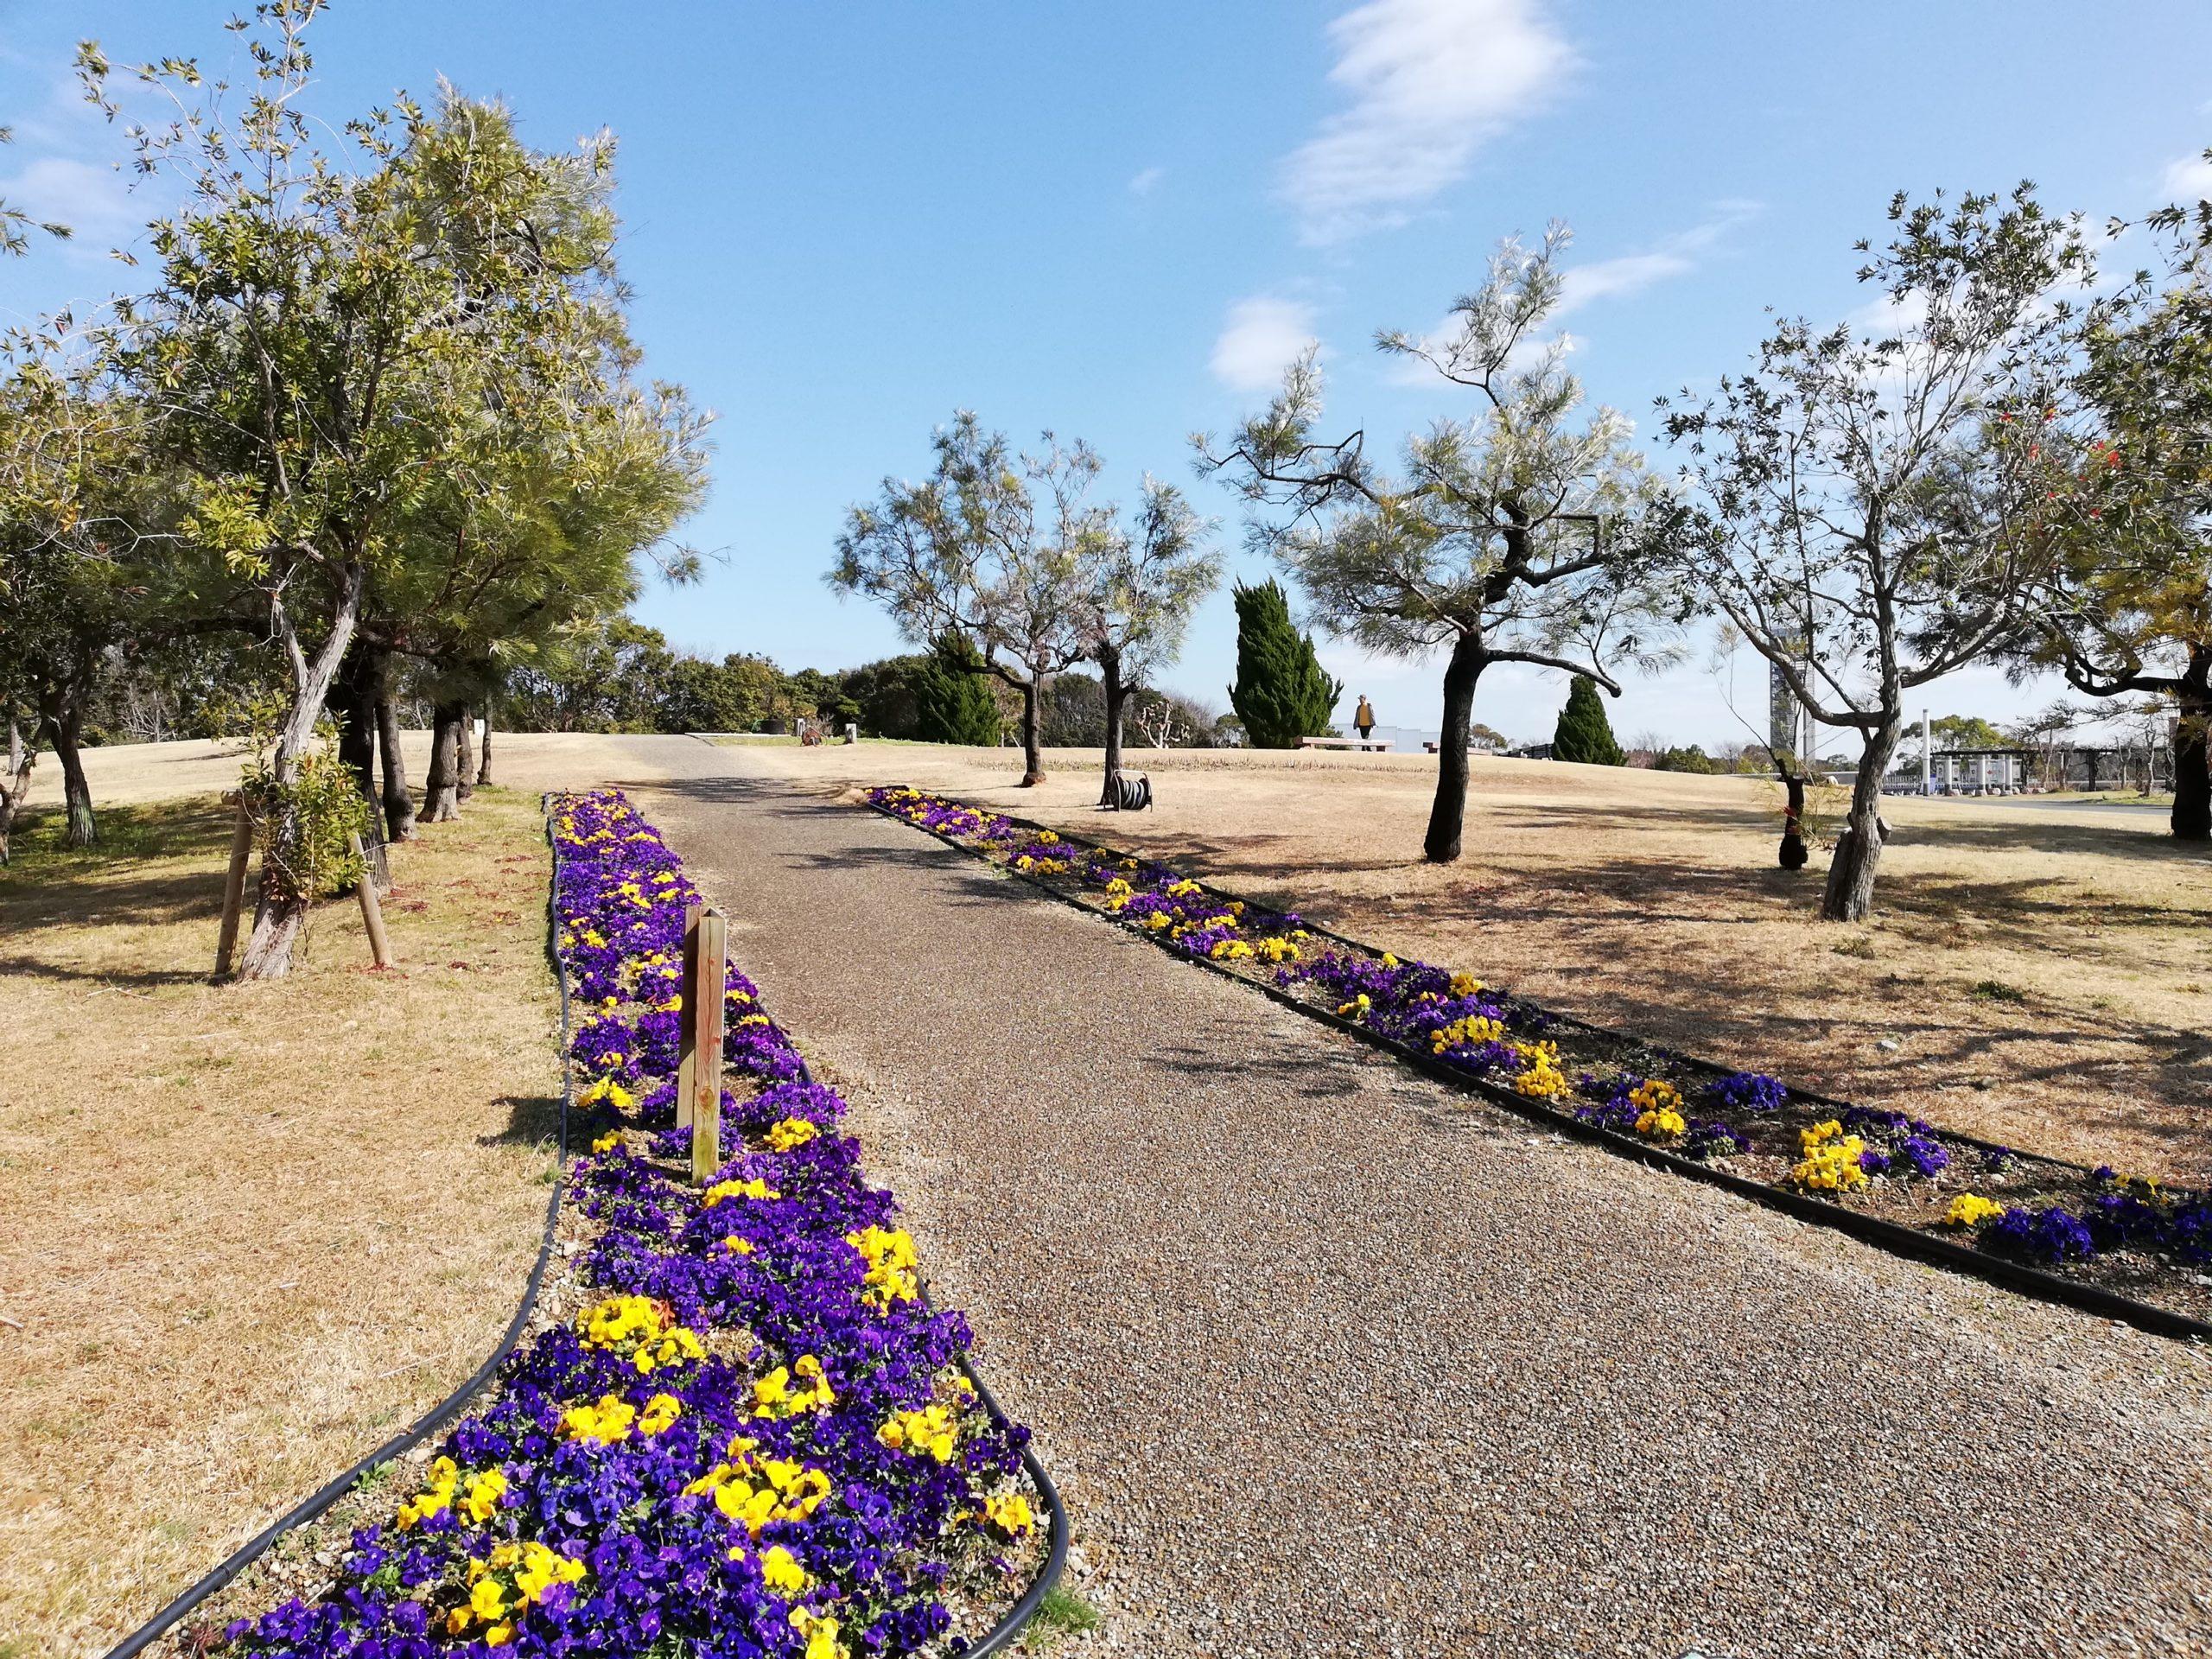 静岡県内でペットと遊ぶ 静岡県浜松市 浜名湖ガーデンパーク インスタ映え